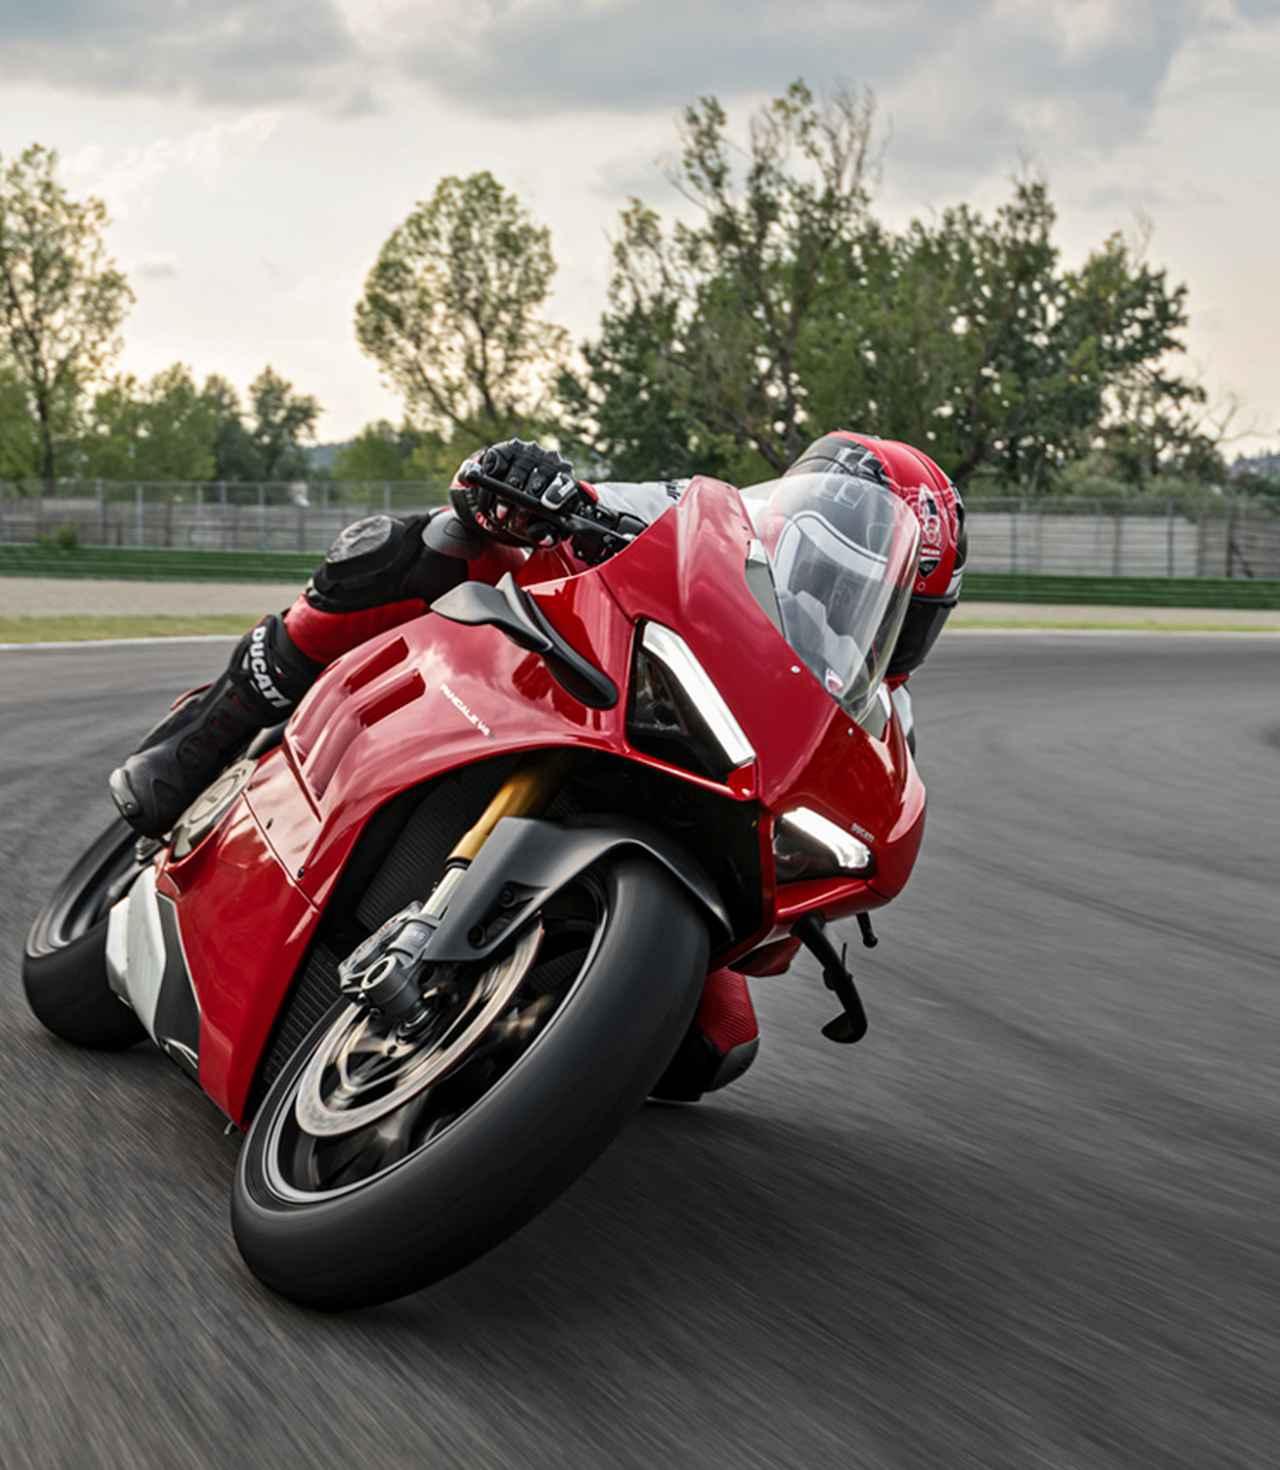 画像: New Panigale V4 (2020): The Science of Speed | Ducati